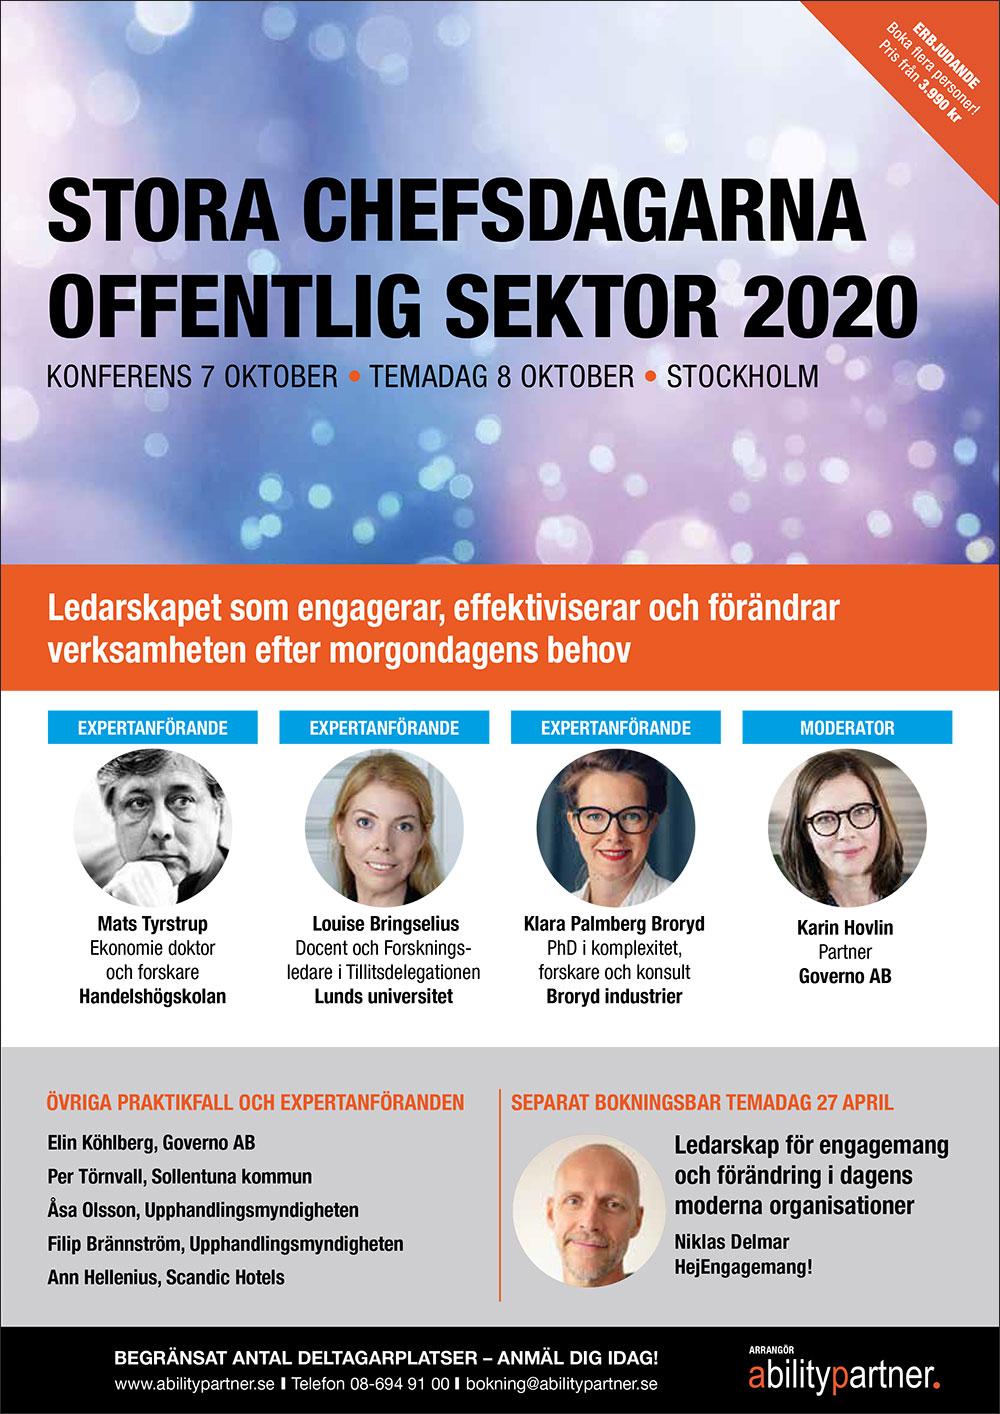 Stora-chefsdagarna-offentlig-sektor-2020